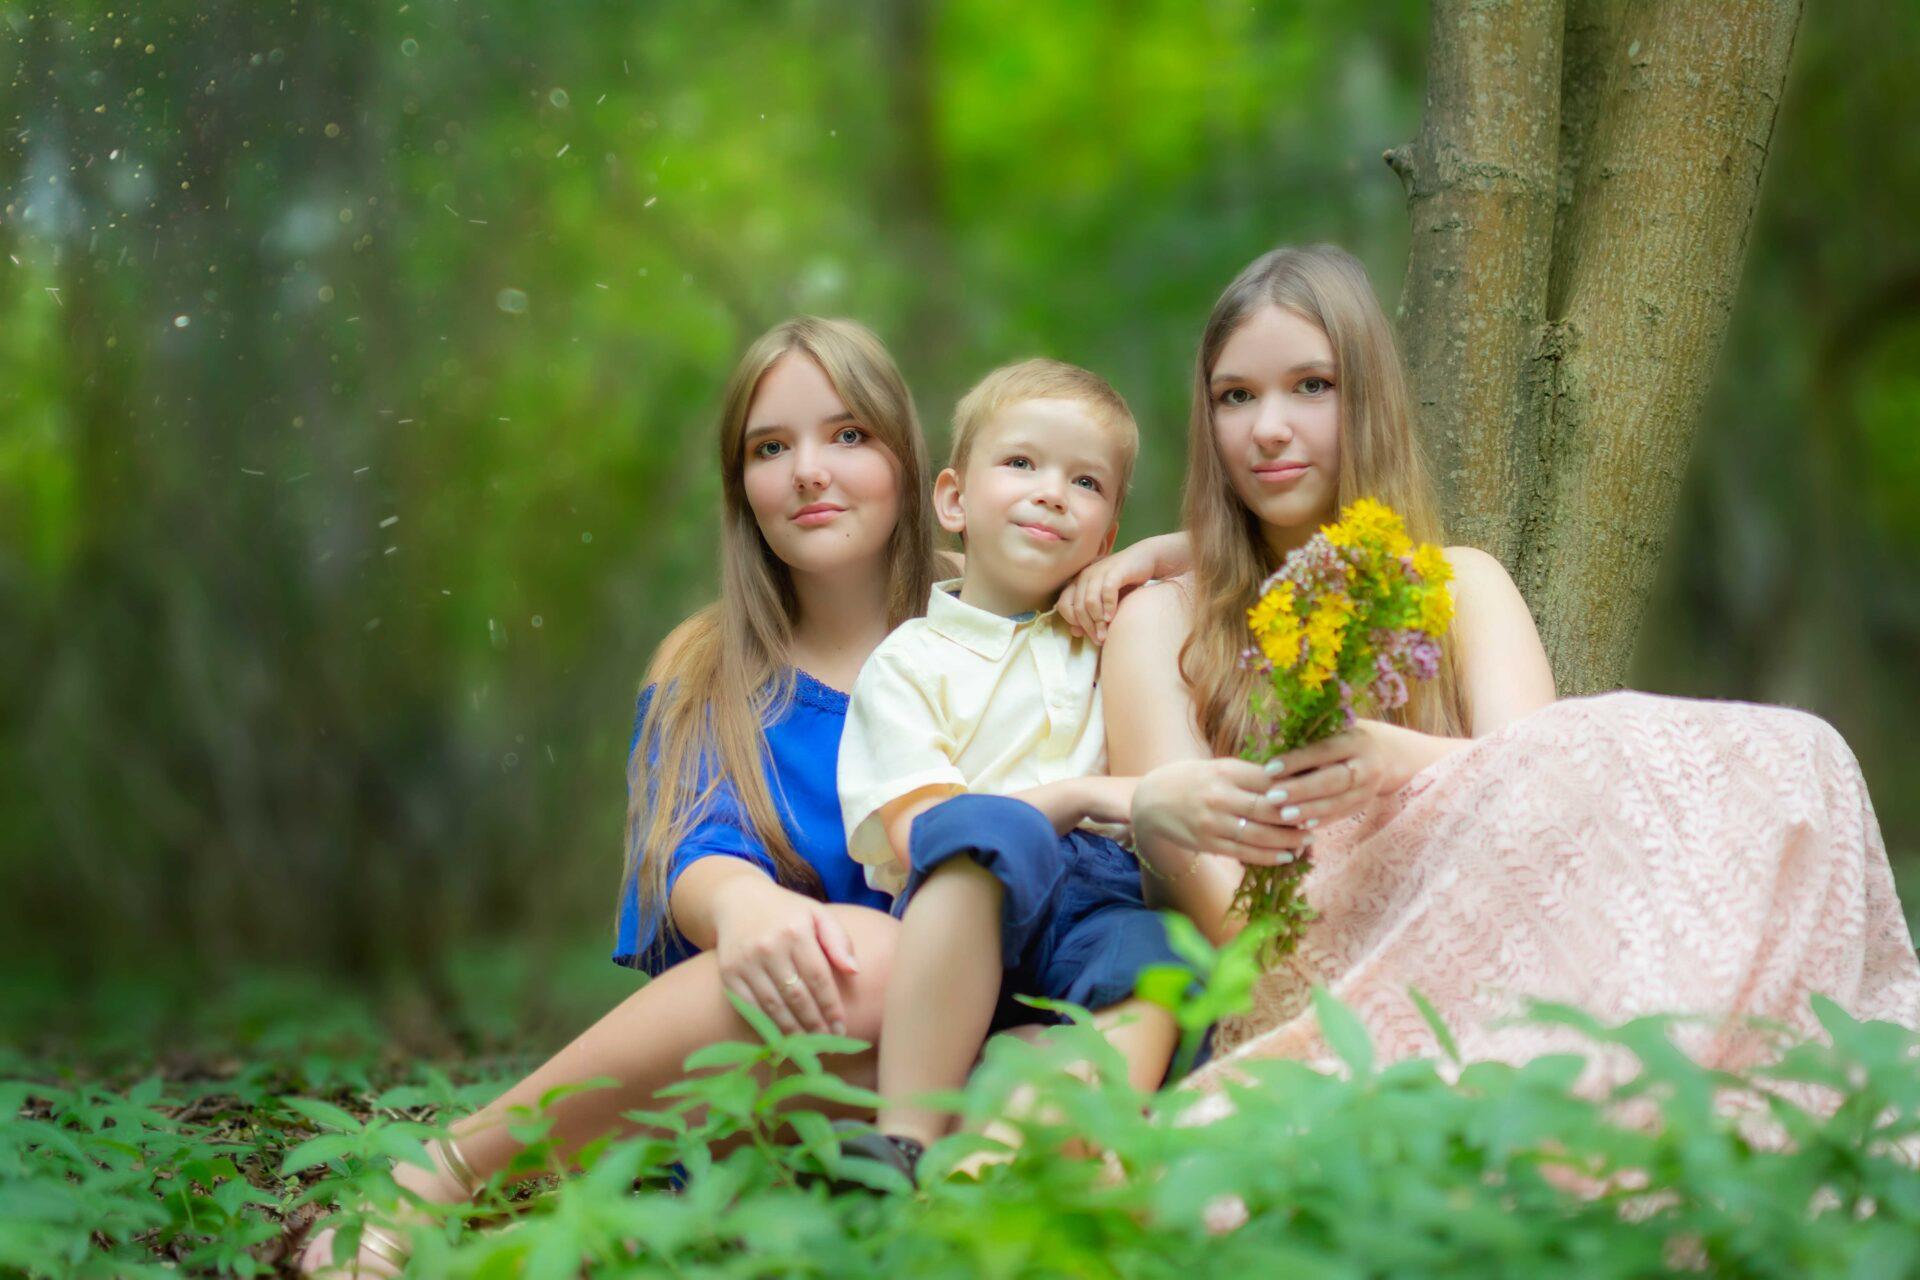 fairytale children photography in brighton